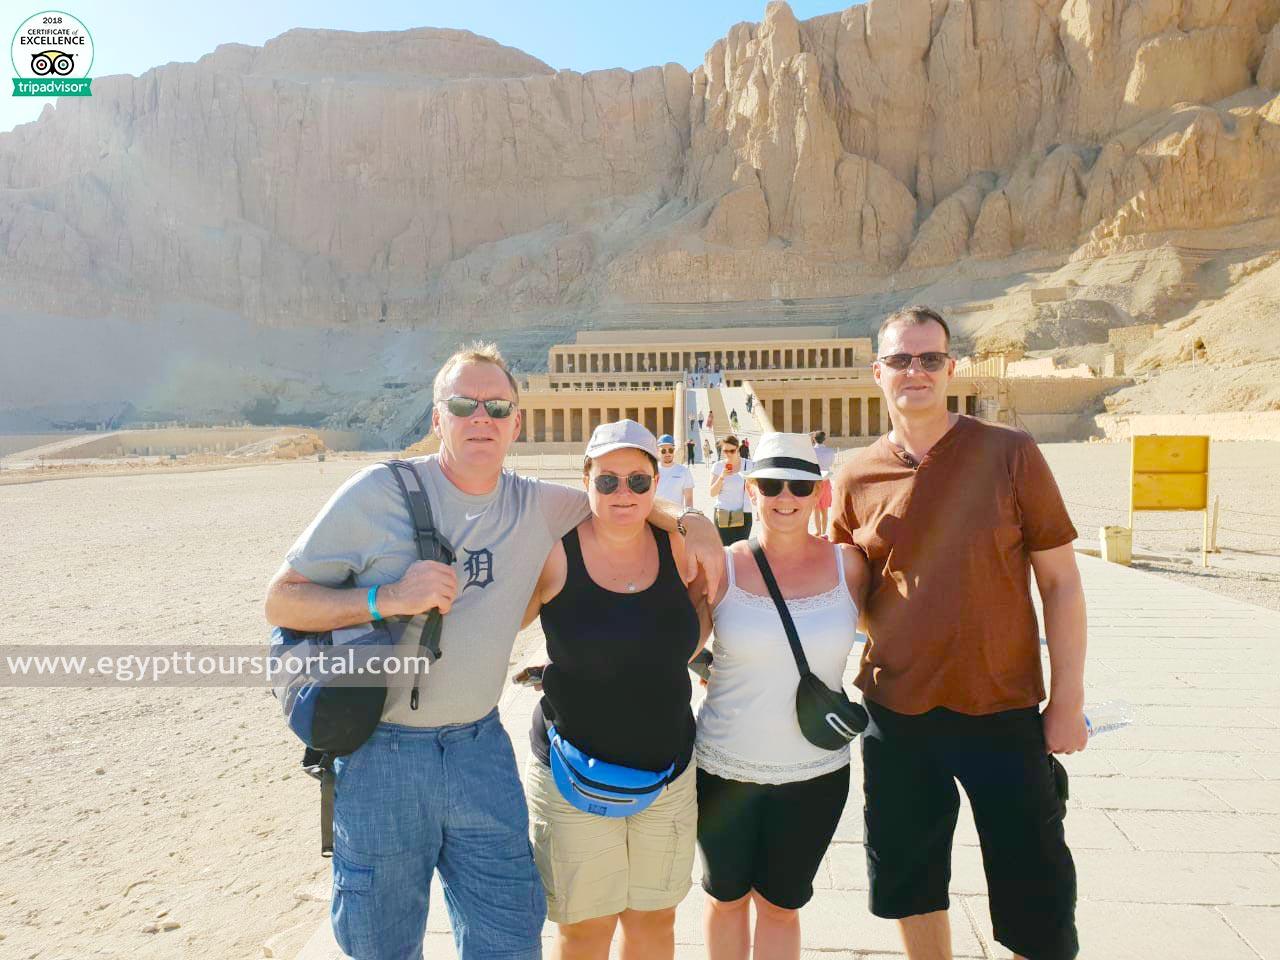 Hatshepsut Temple - Luxor Tours - Egypt Tours Portal